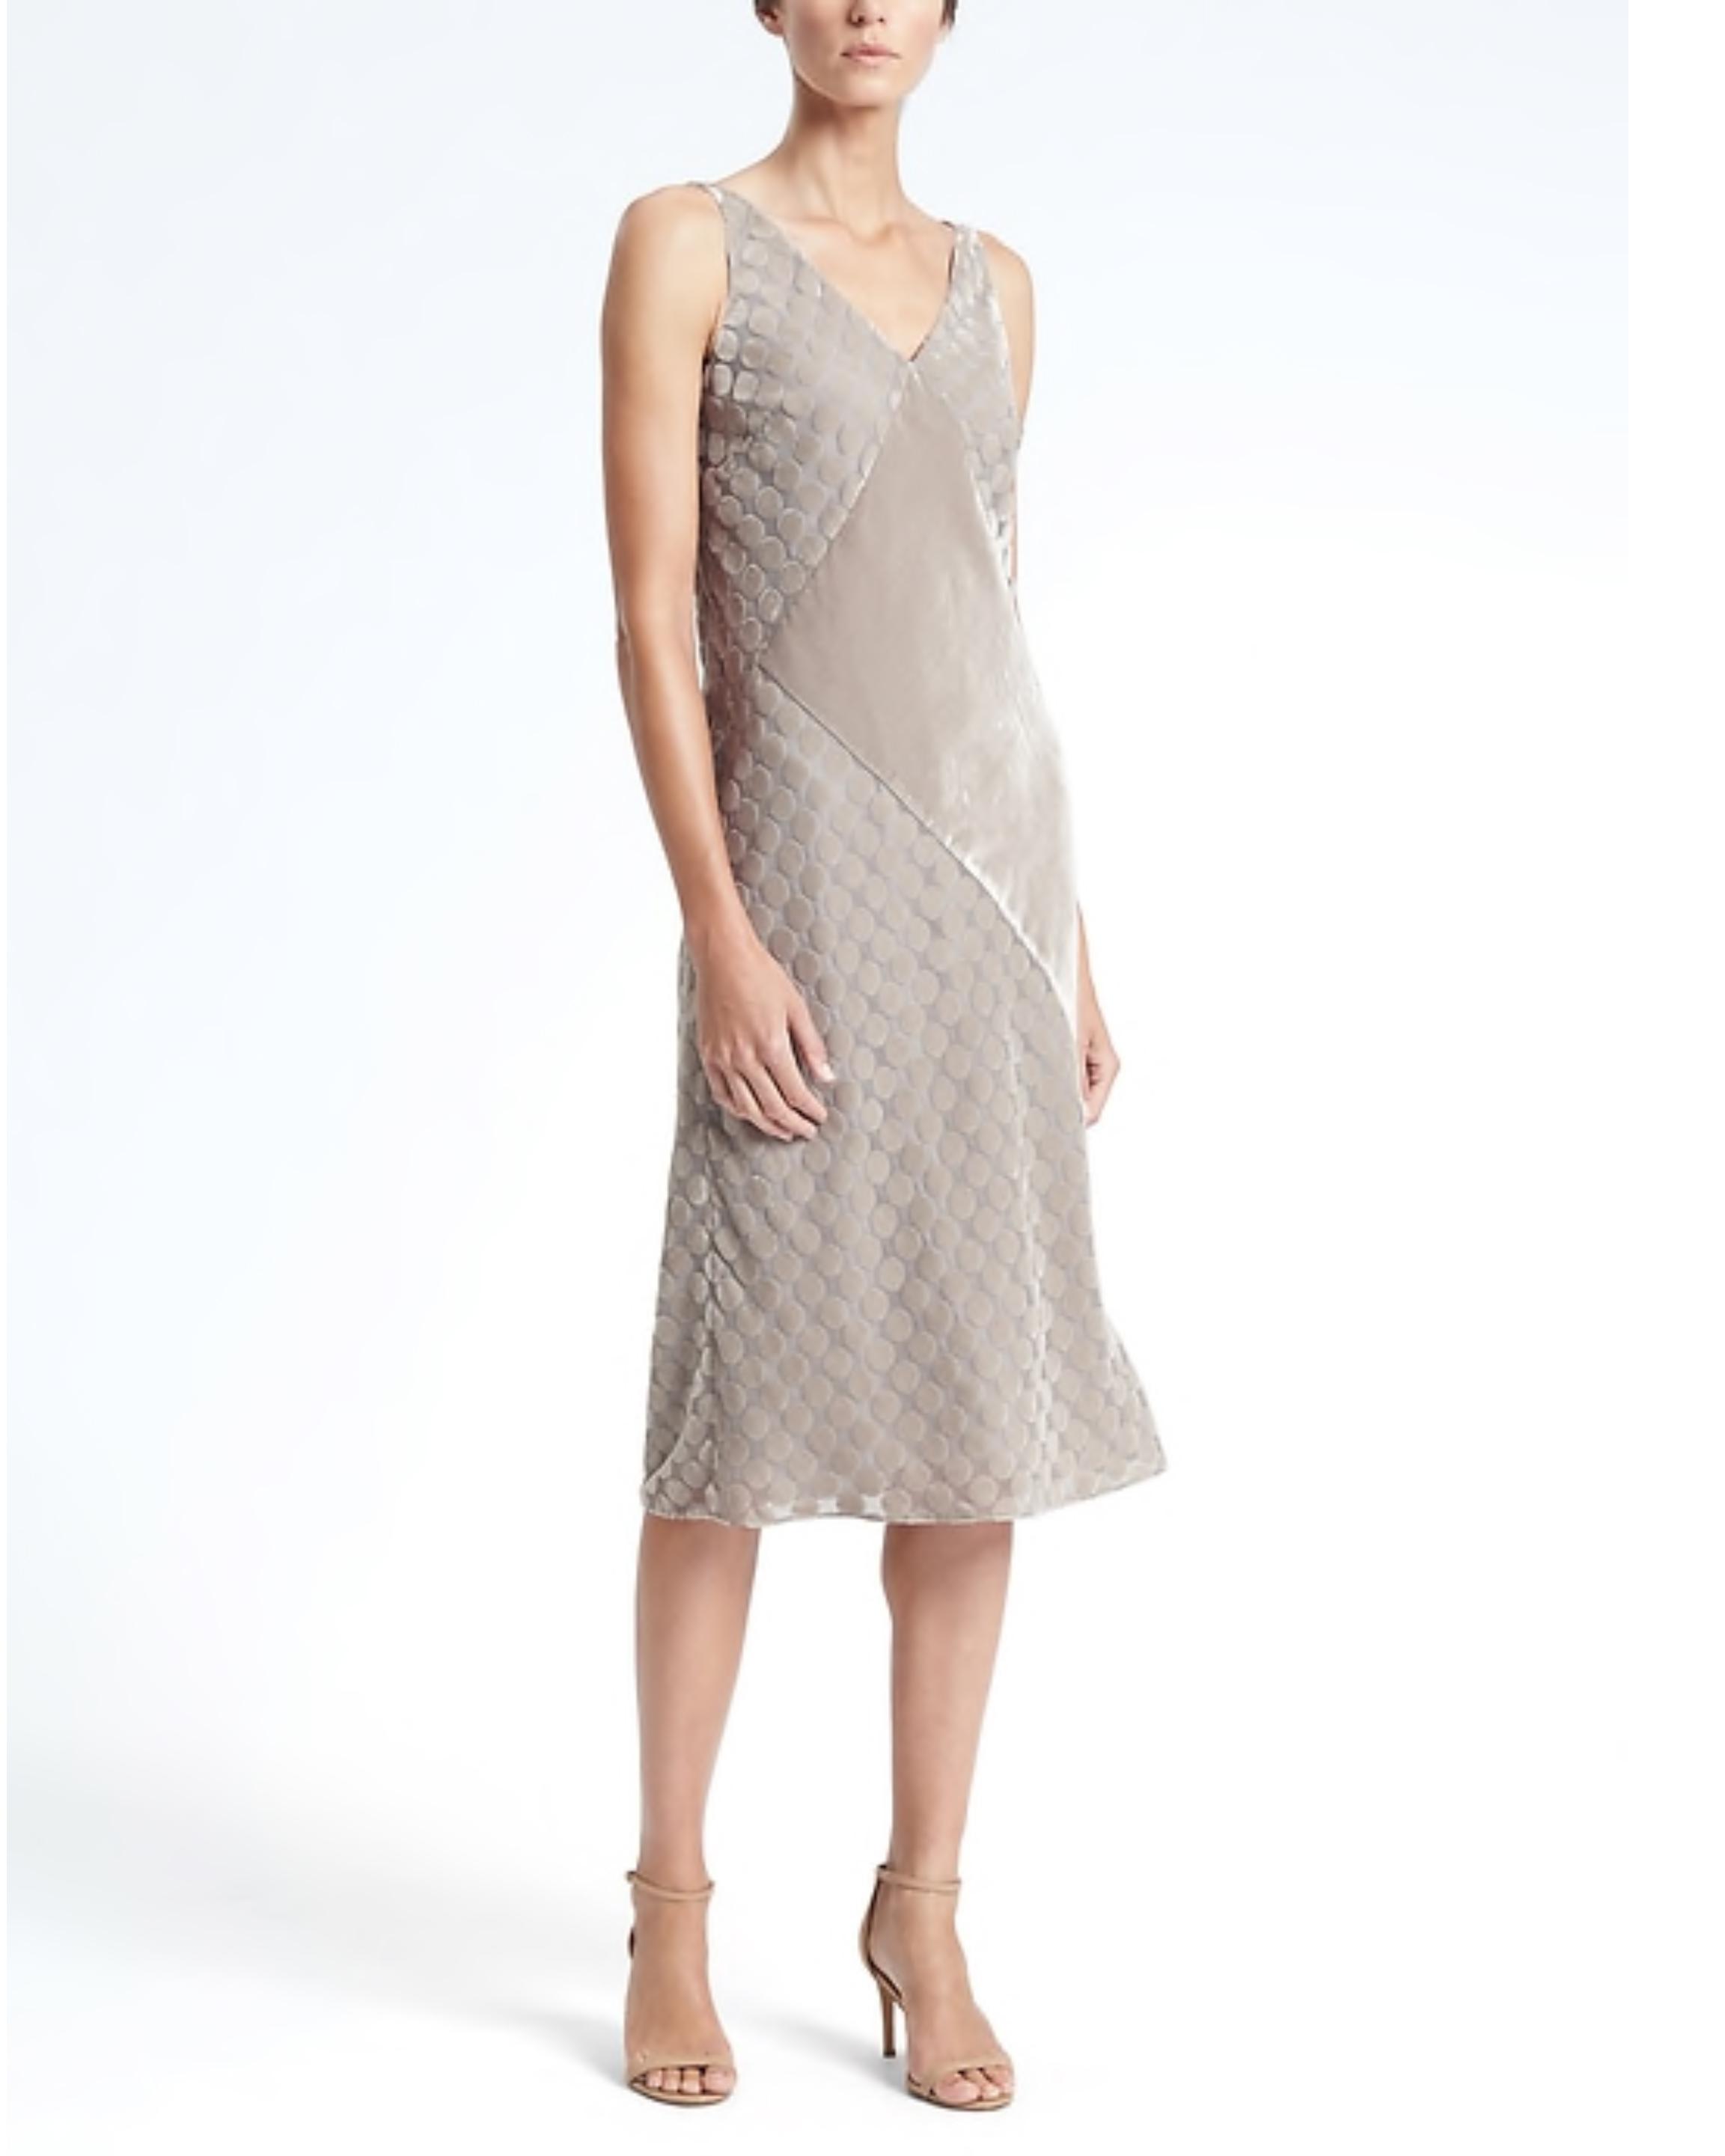 beige v-neck dress